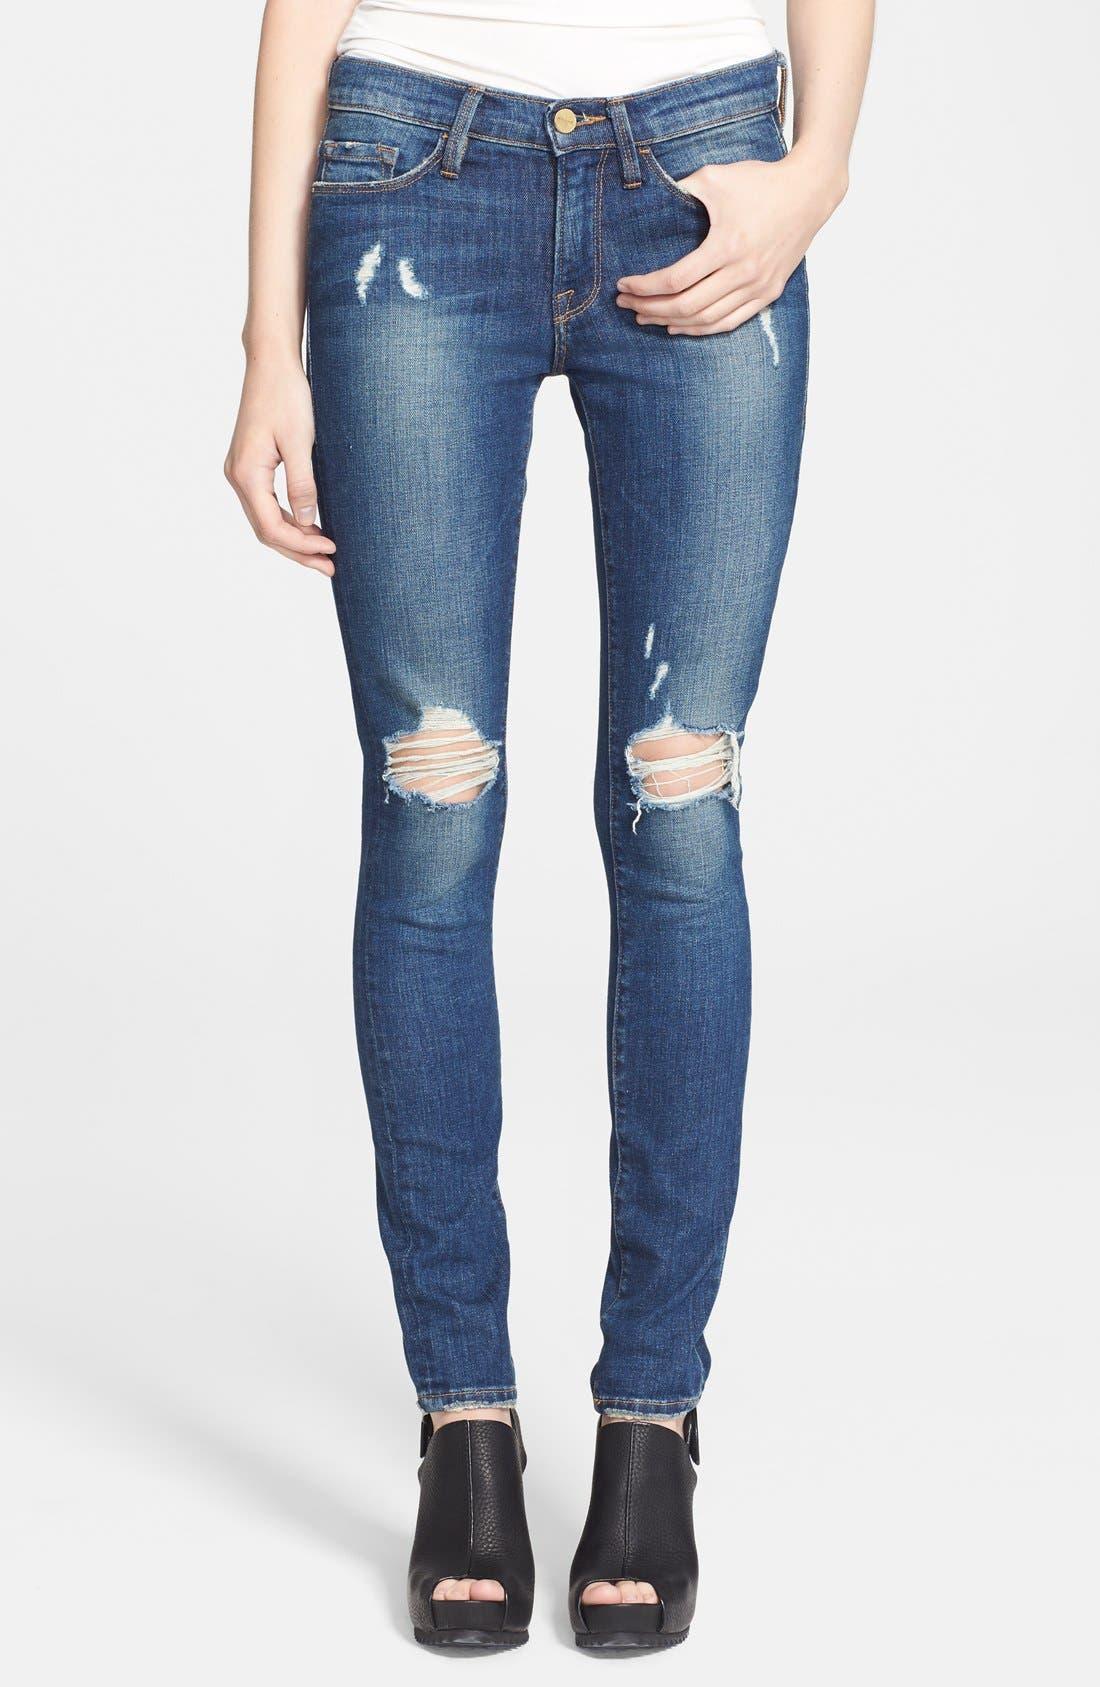 Alternate Image 1 Selected - Frame Denim 'Le Skinny de Jeanne' Destroyed Jeans (Walgrove)